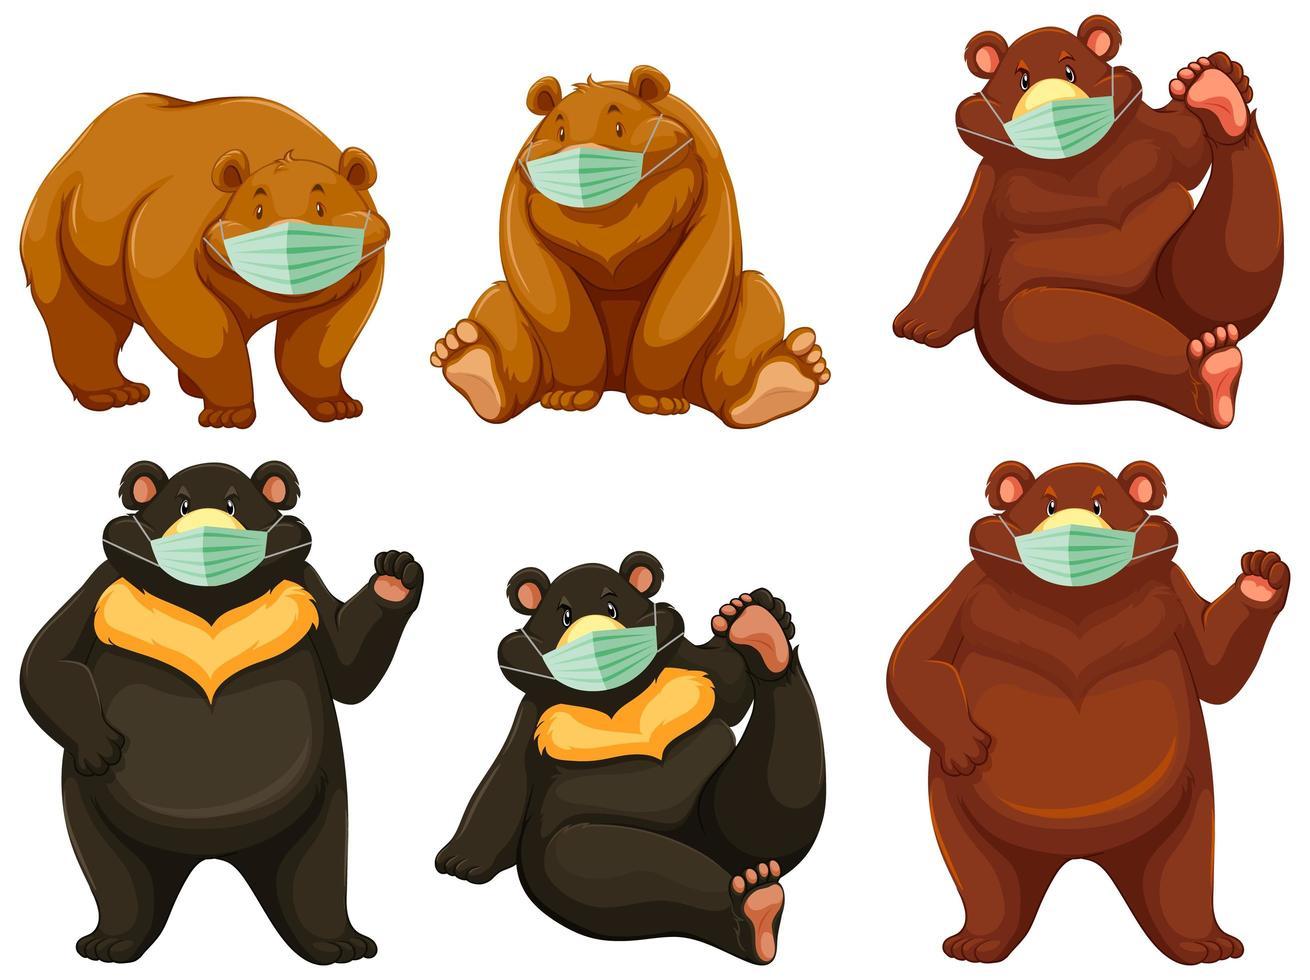 personnage de dessin animé ours sauvage portant un masque vecteur